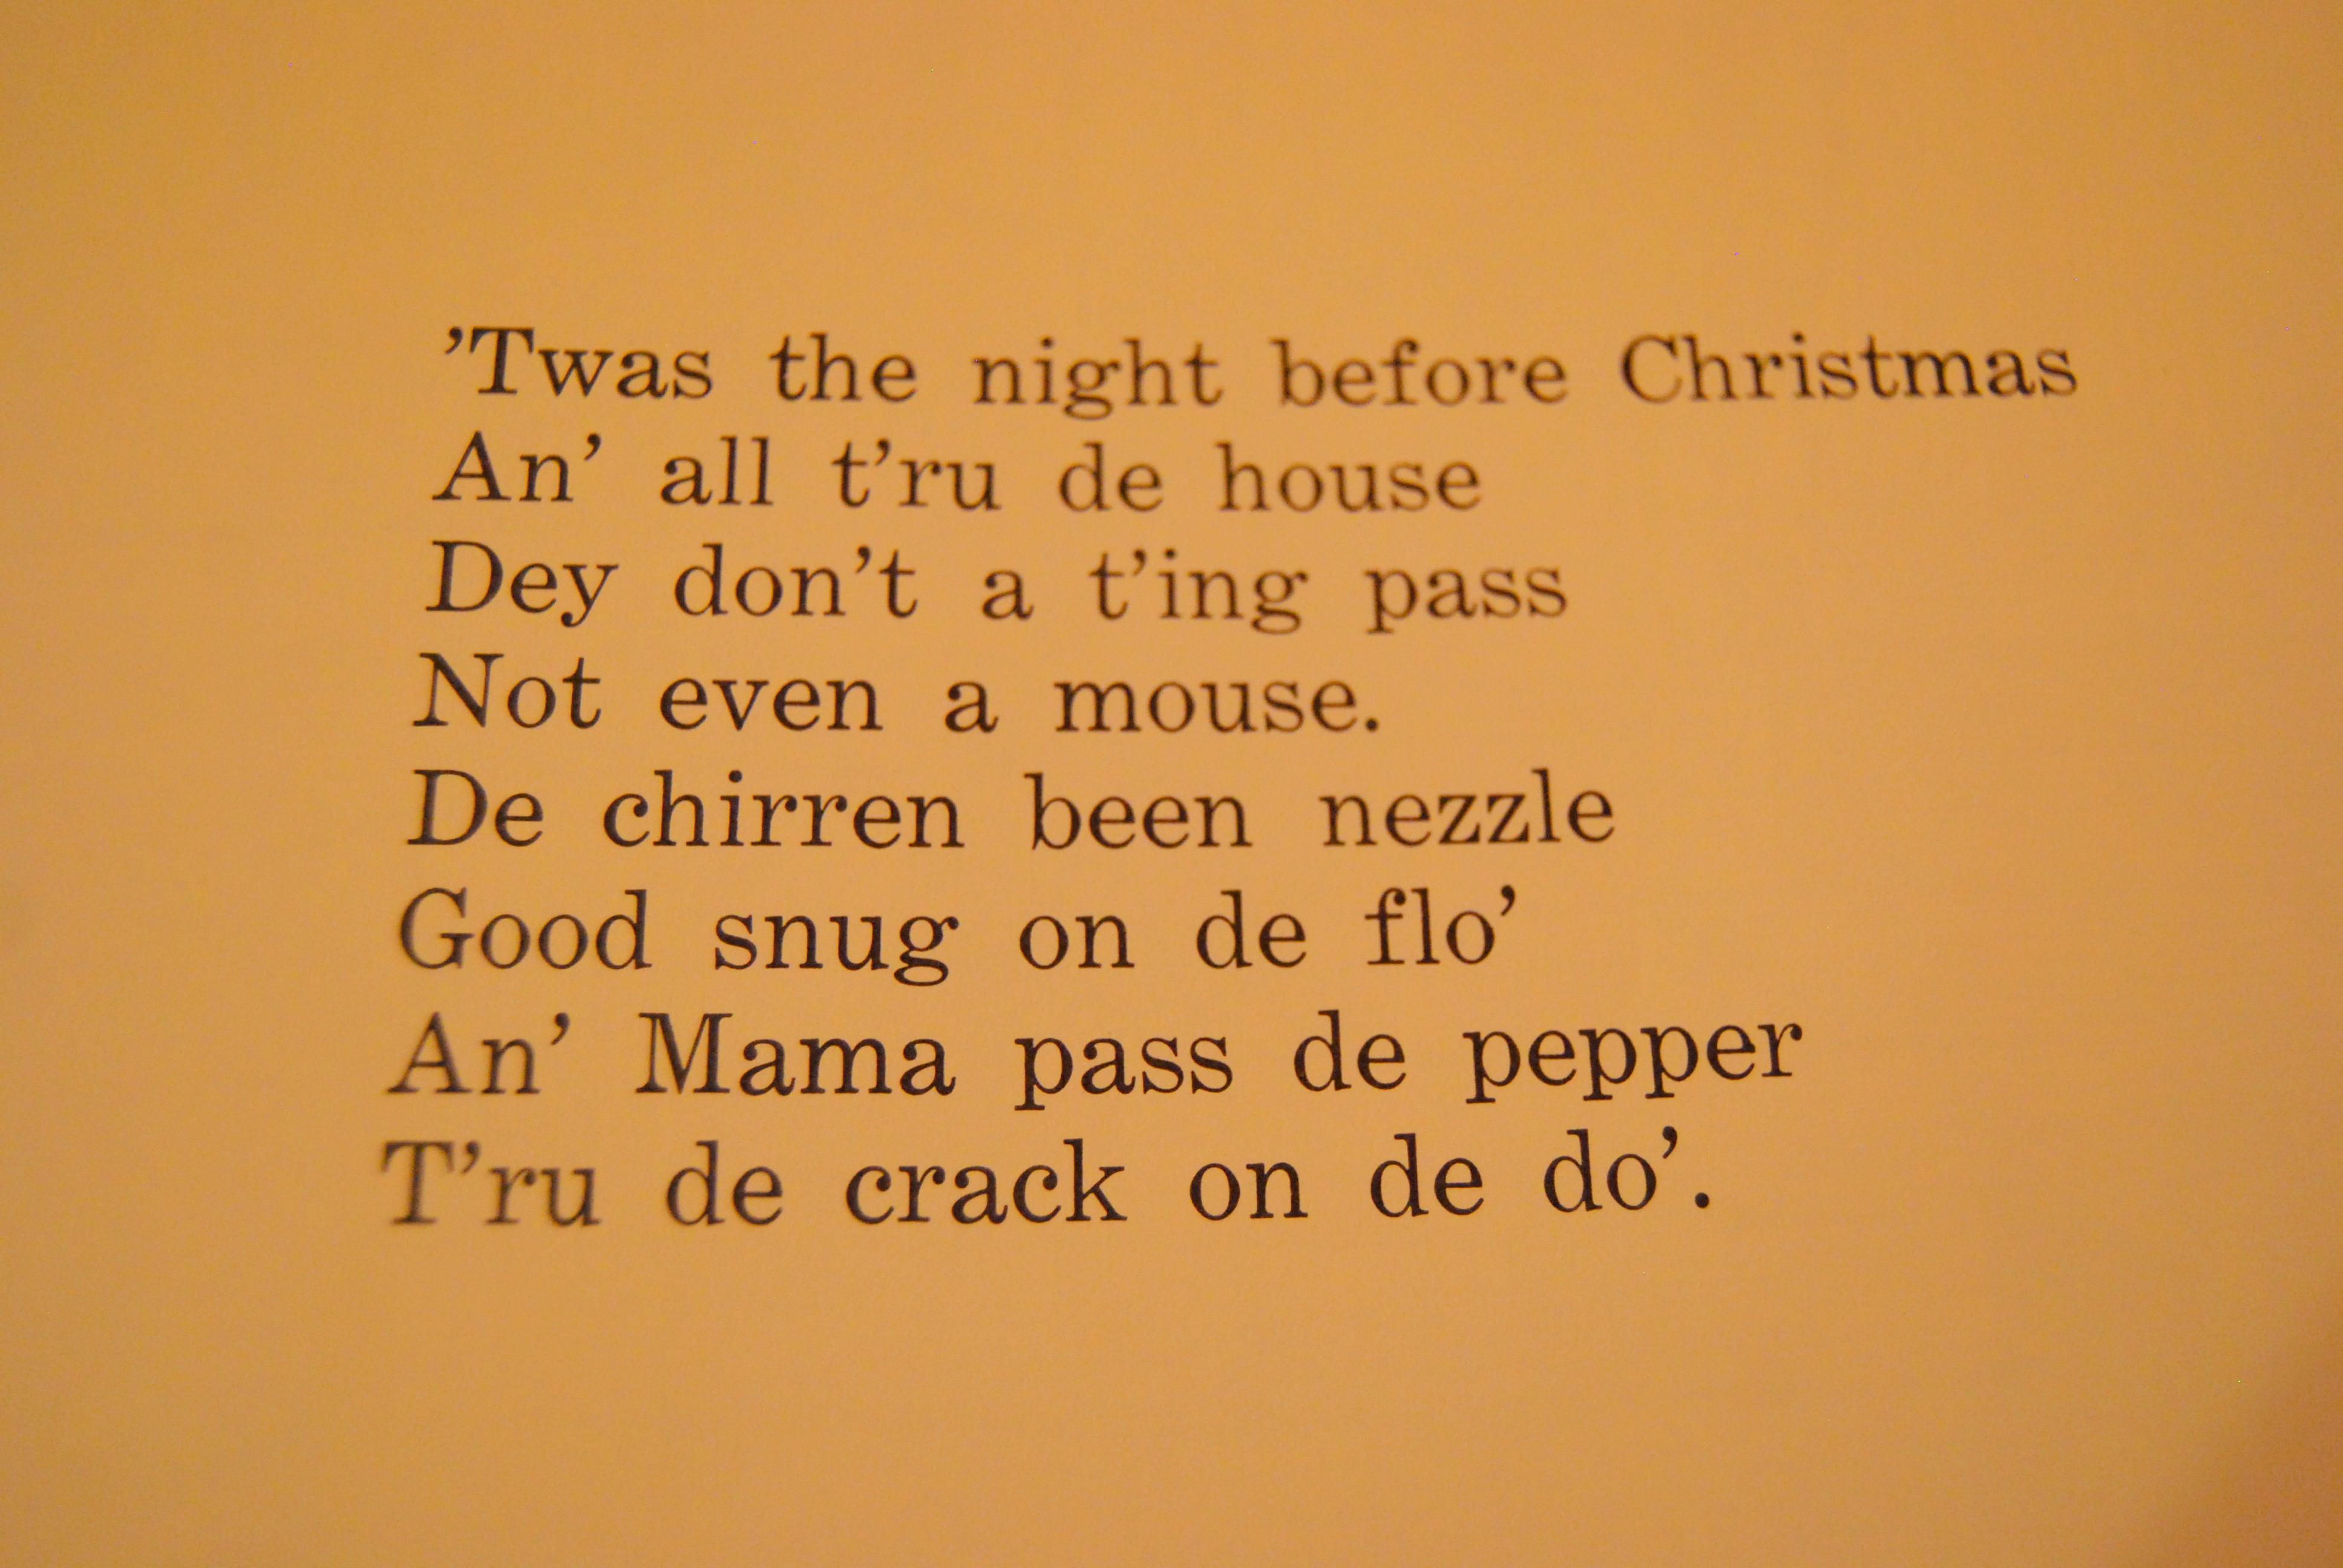 the cajun night before christmas - Cajun Night Before Christmas